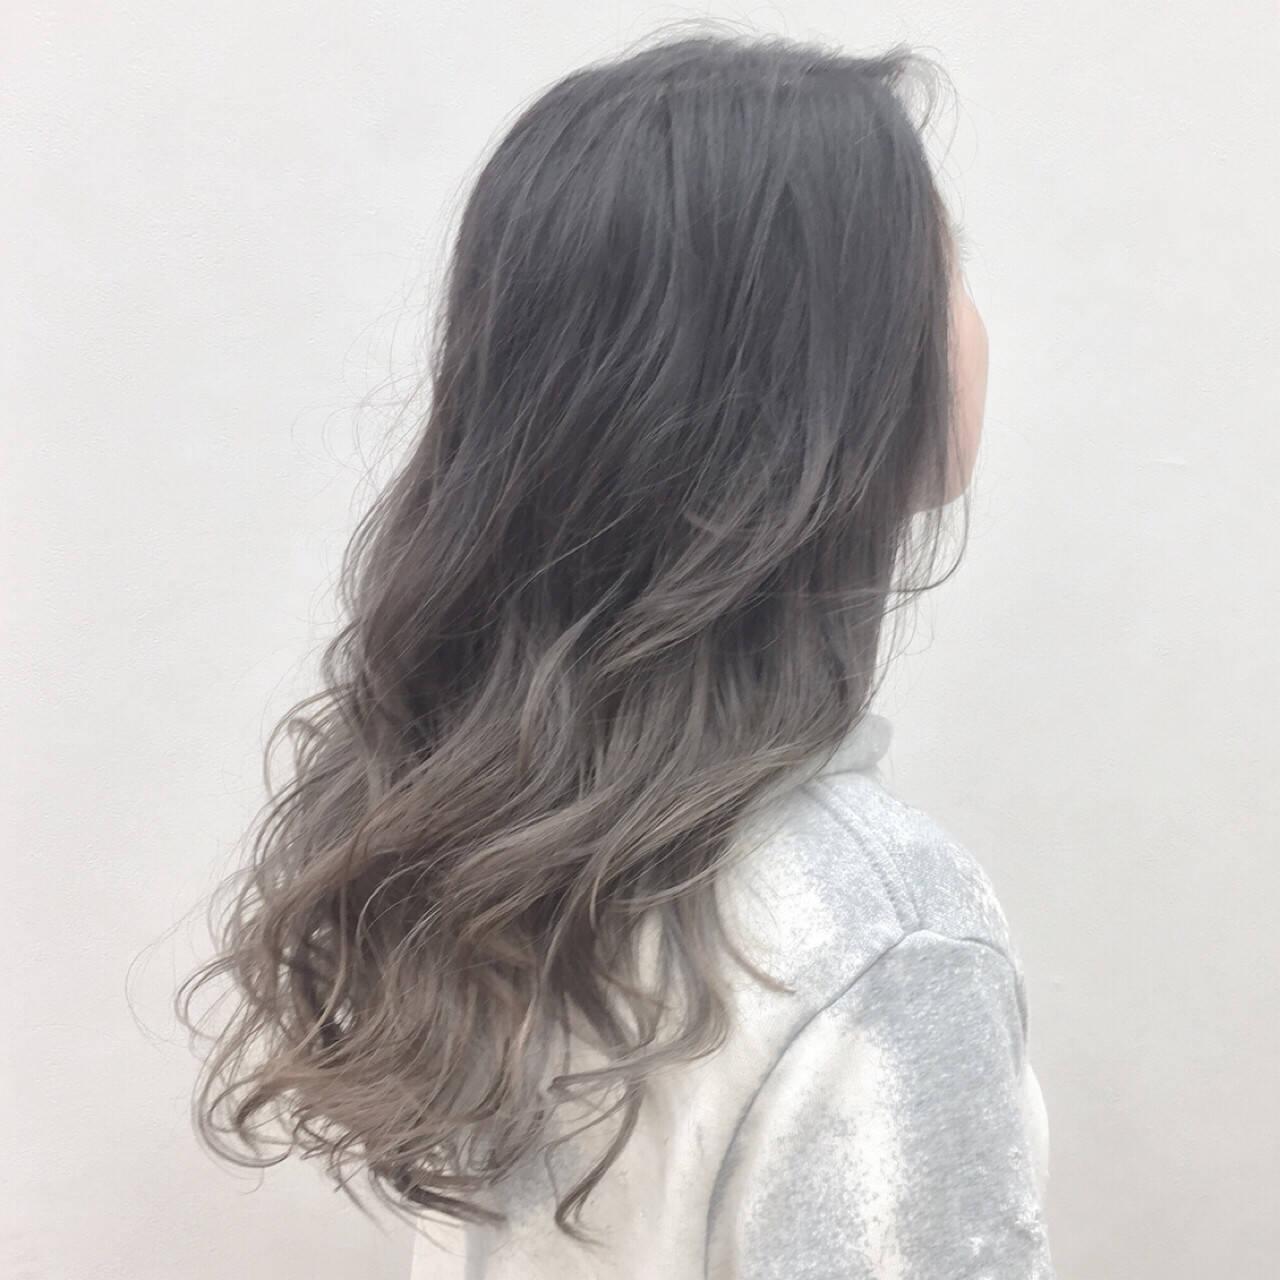 グラデーションカラー エレガント 涼しげ 大人かわいいヘアスタイルや髪型の写真・画像